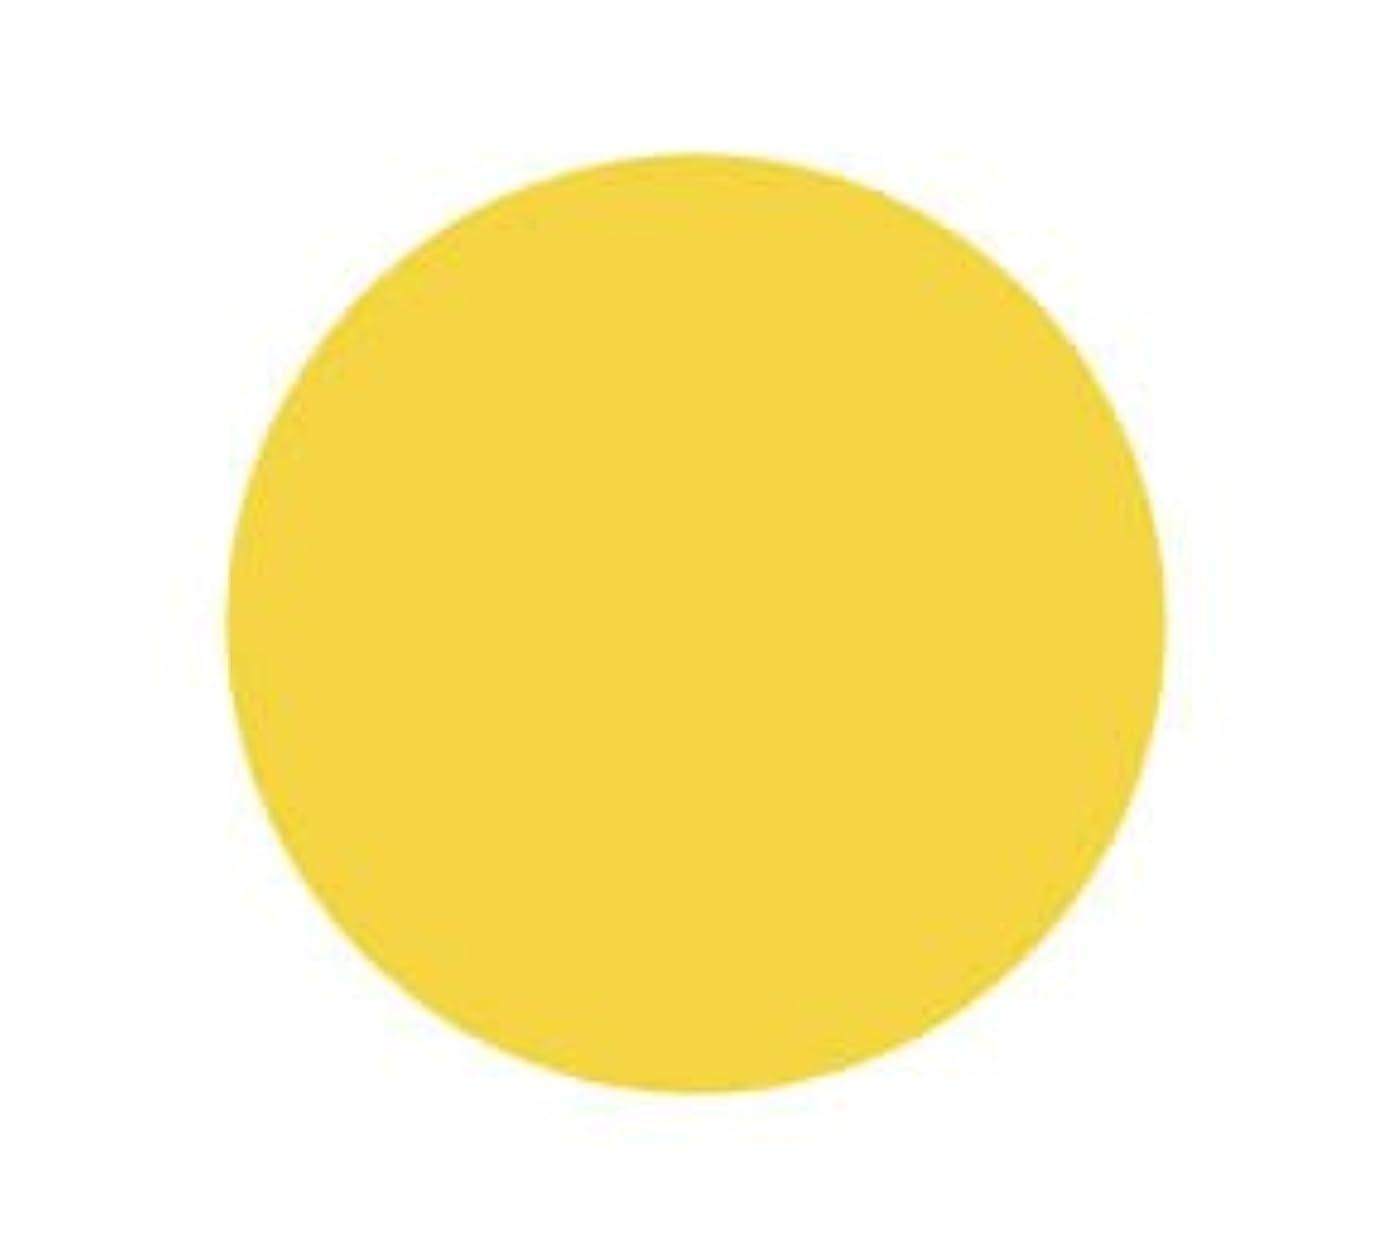 スリップ論理的残るバイオスカルプチュア(バイオジェル) カラージェル 〔4g〕 (2) 2030:ダッフォディル